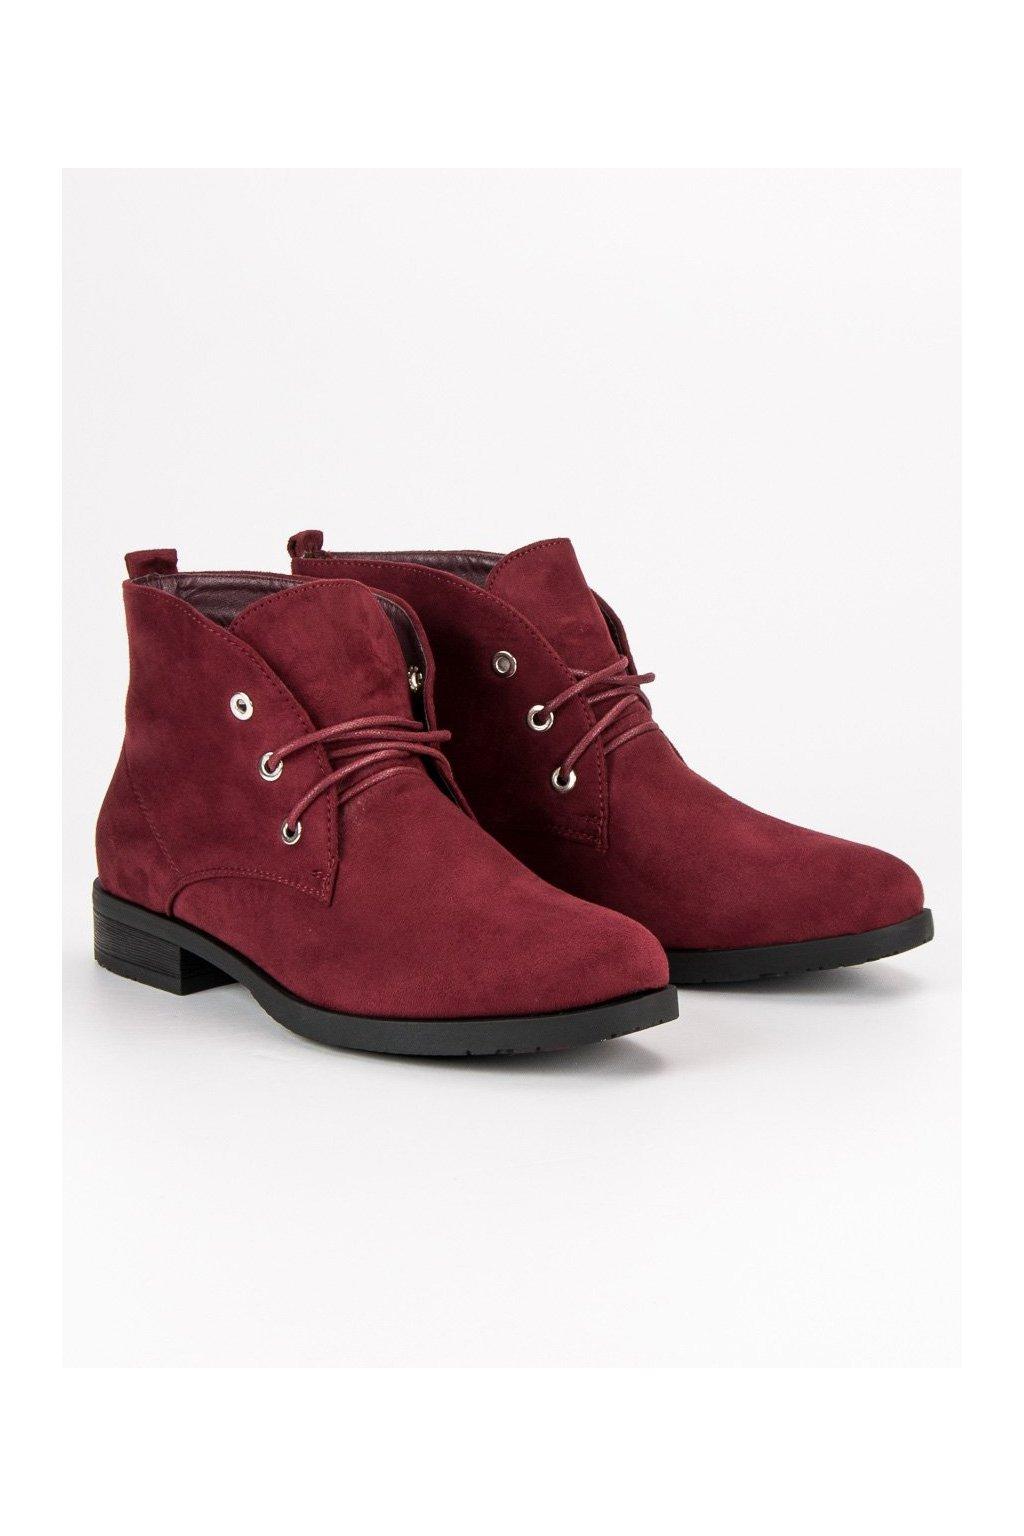 Nízke semišové topánky červené členkové čižmy Sweet Shoes 8d2dcdf304e